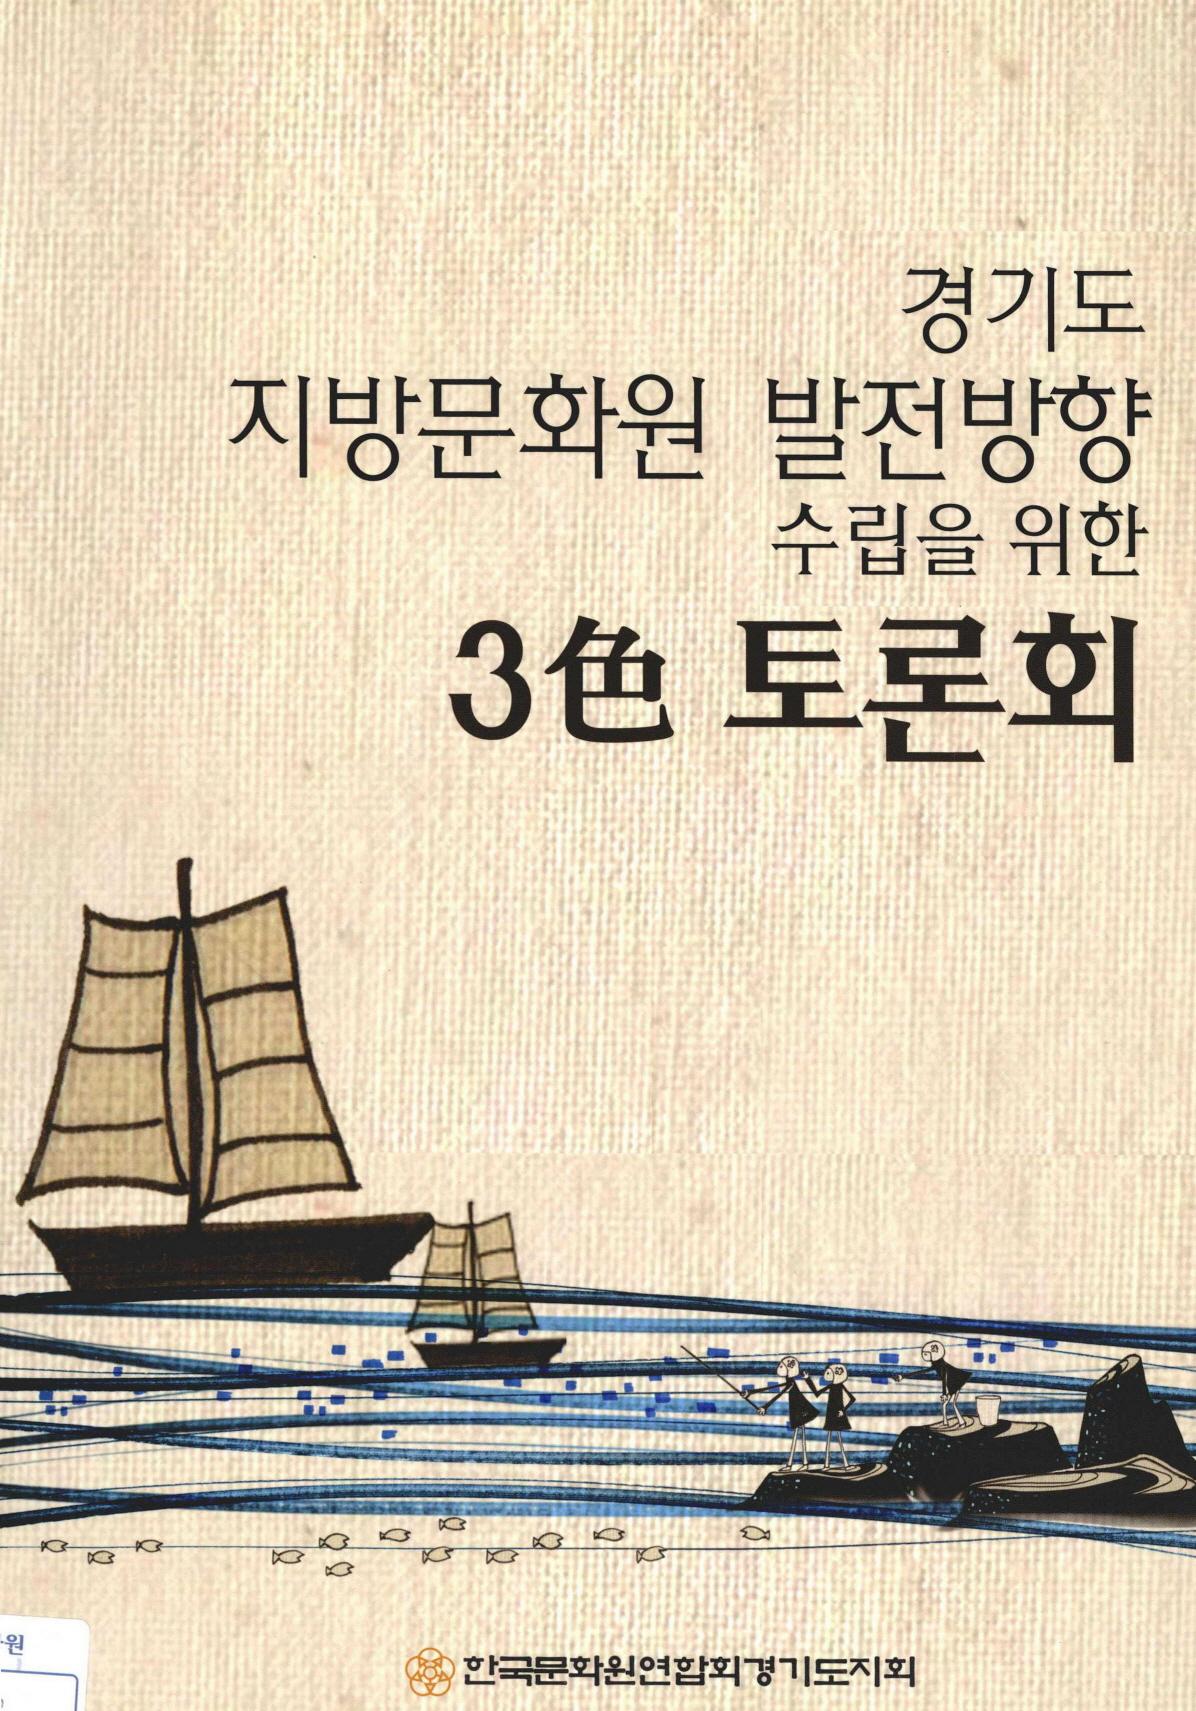 경기도 지방문화원 발전방향 수립을 위한 3색 토론회